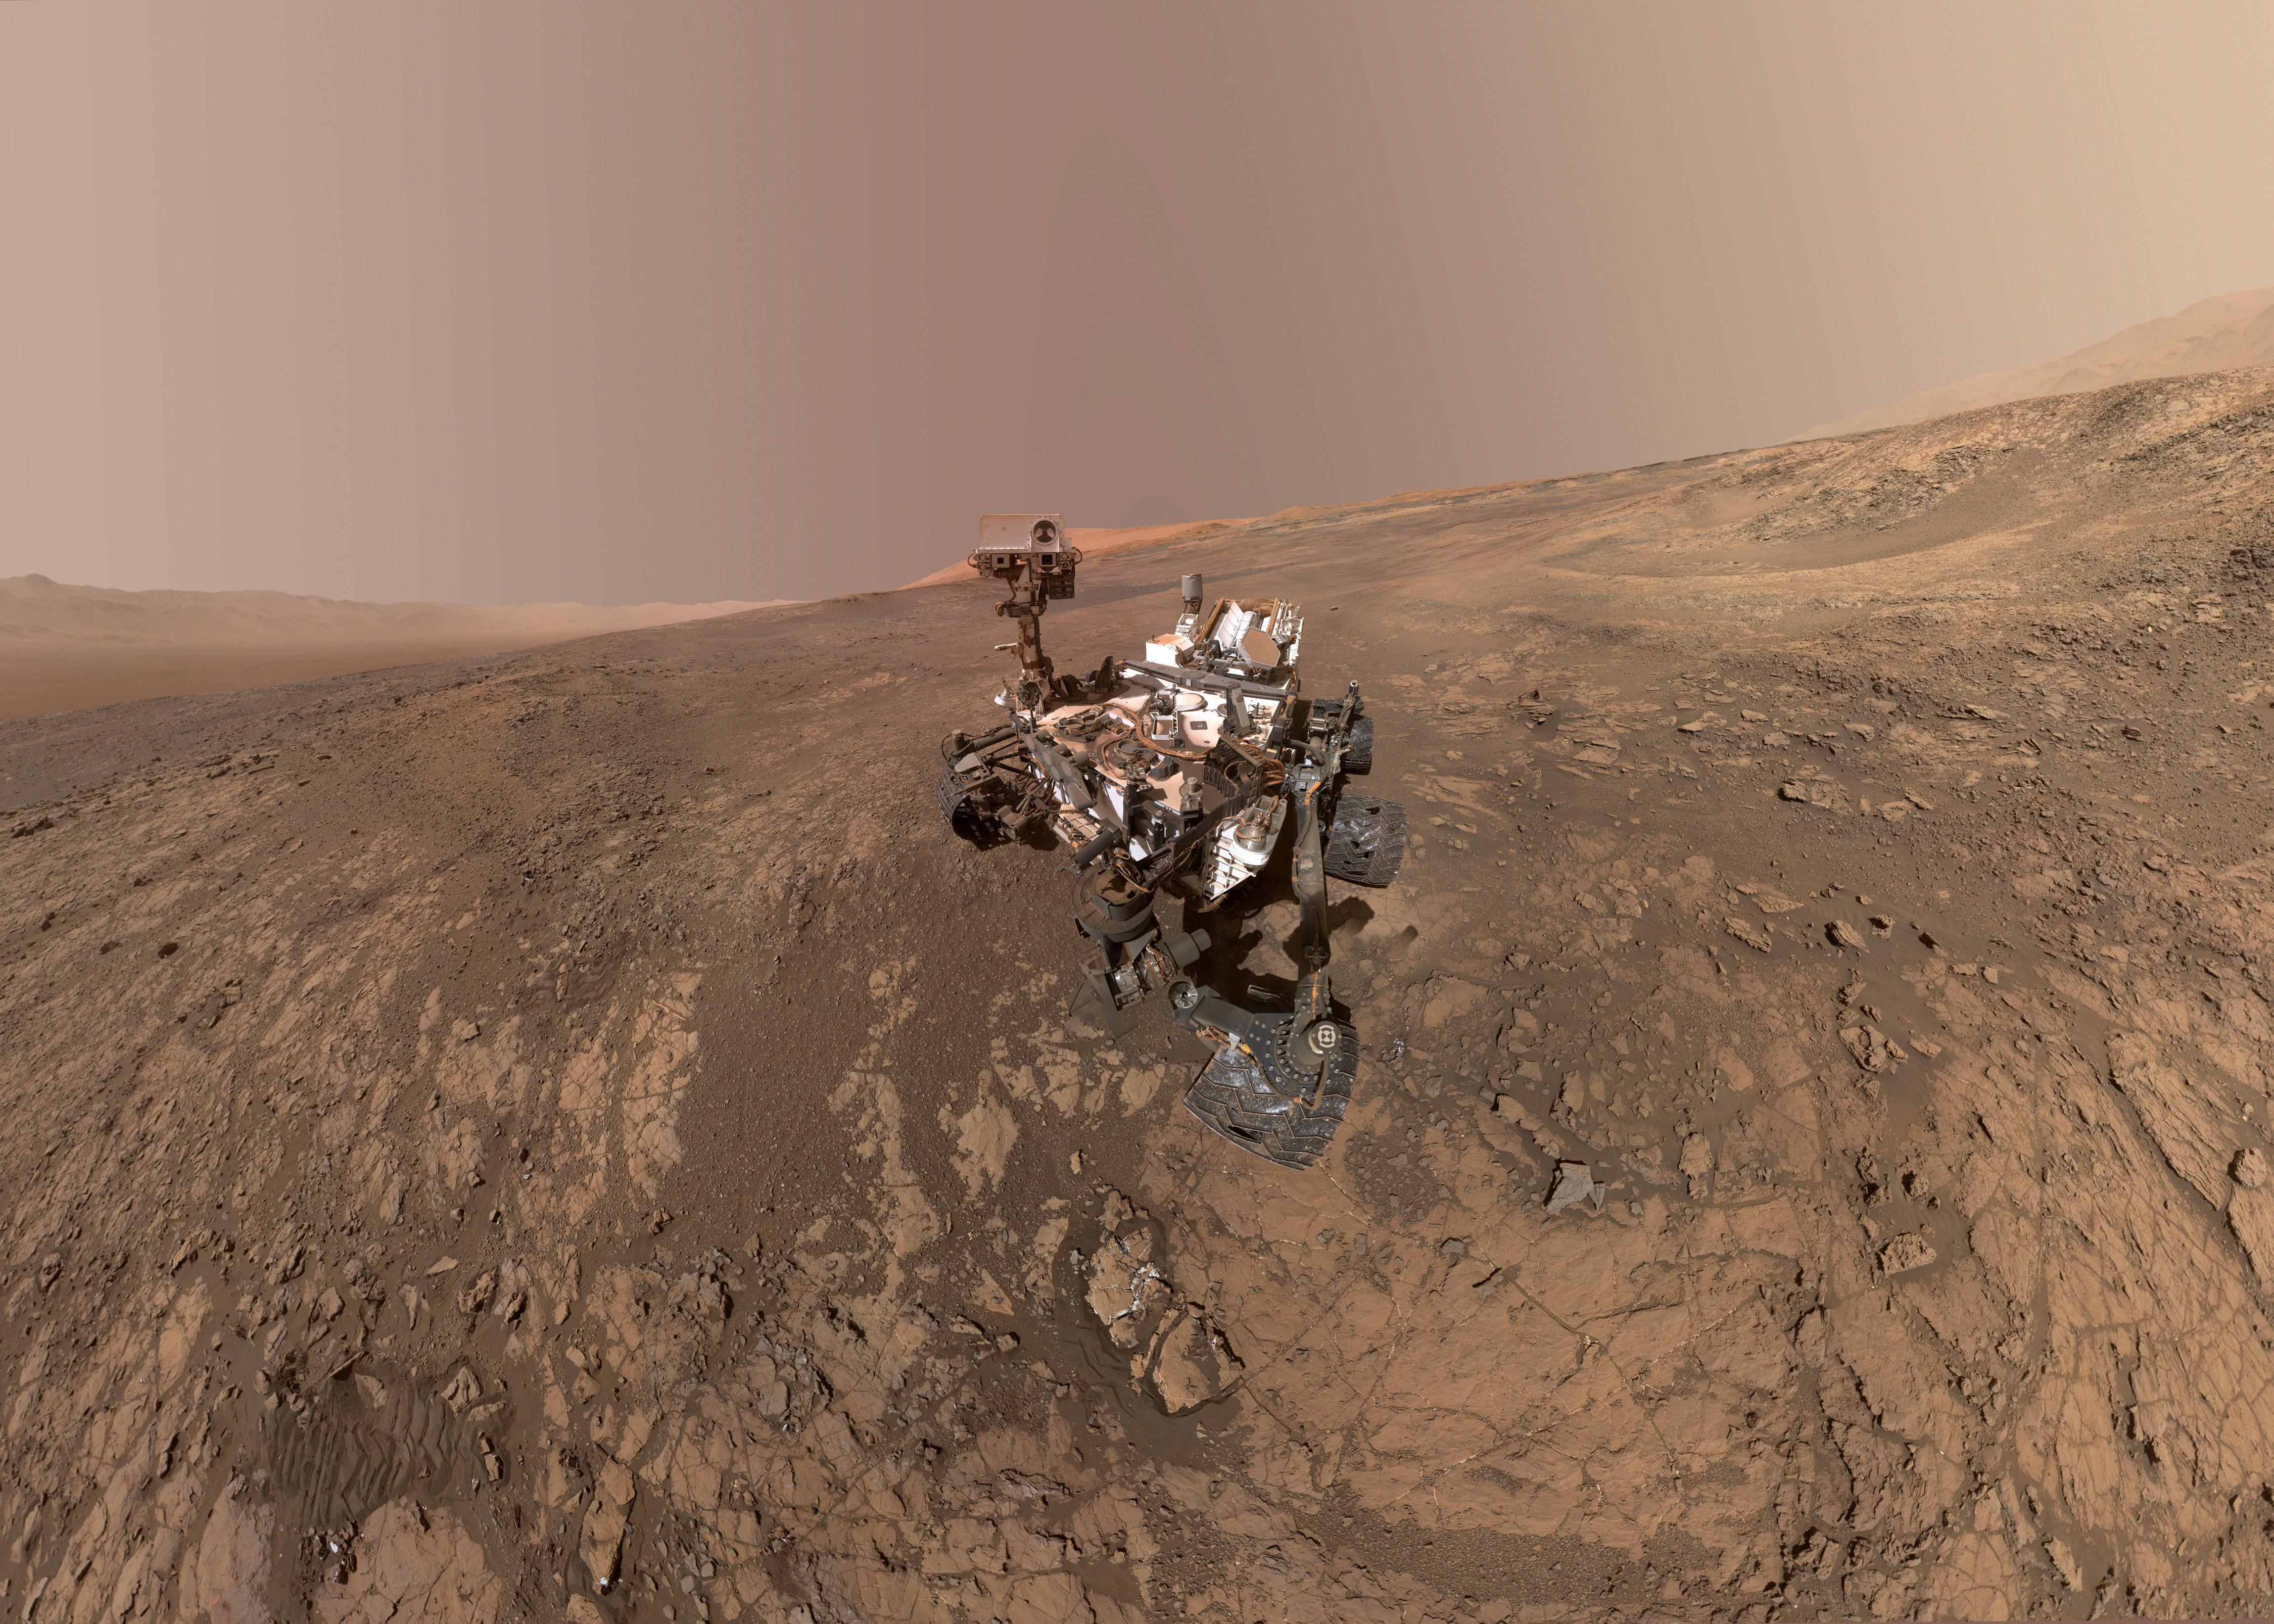 من مهام (ناسا) على سطح المريخ